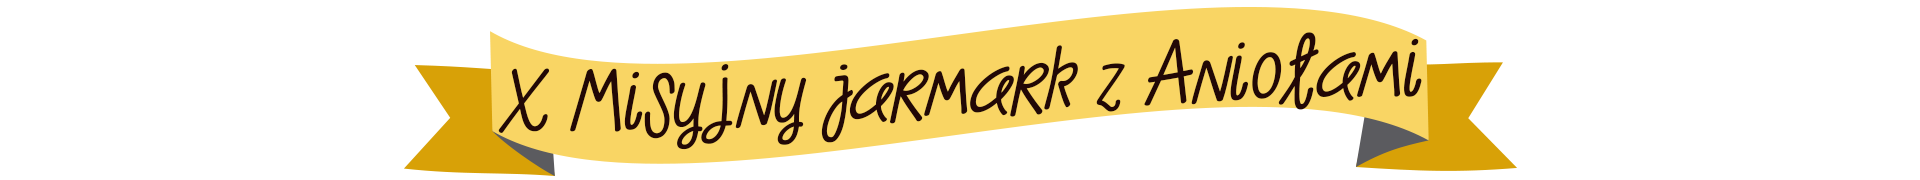 jarmark-logo